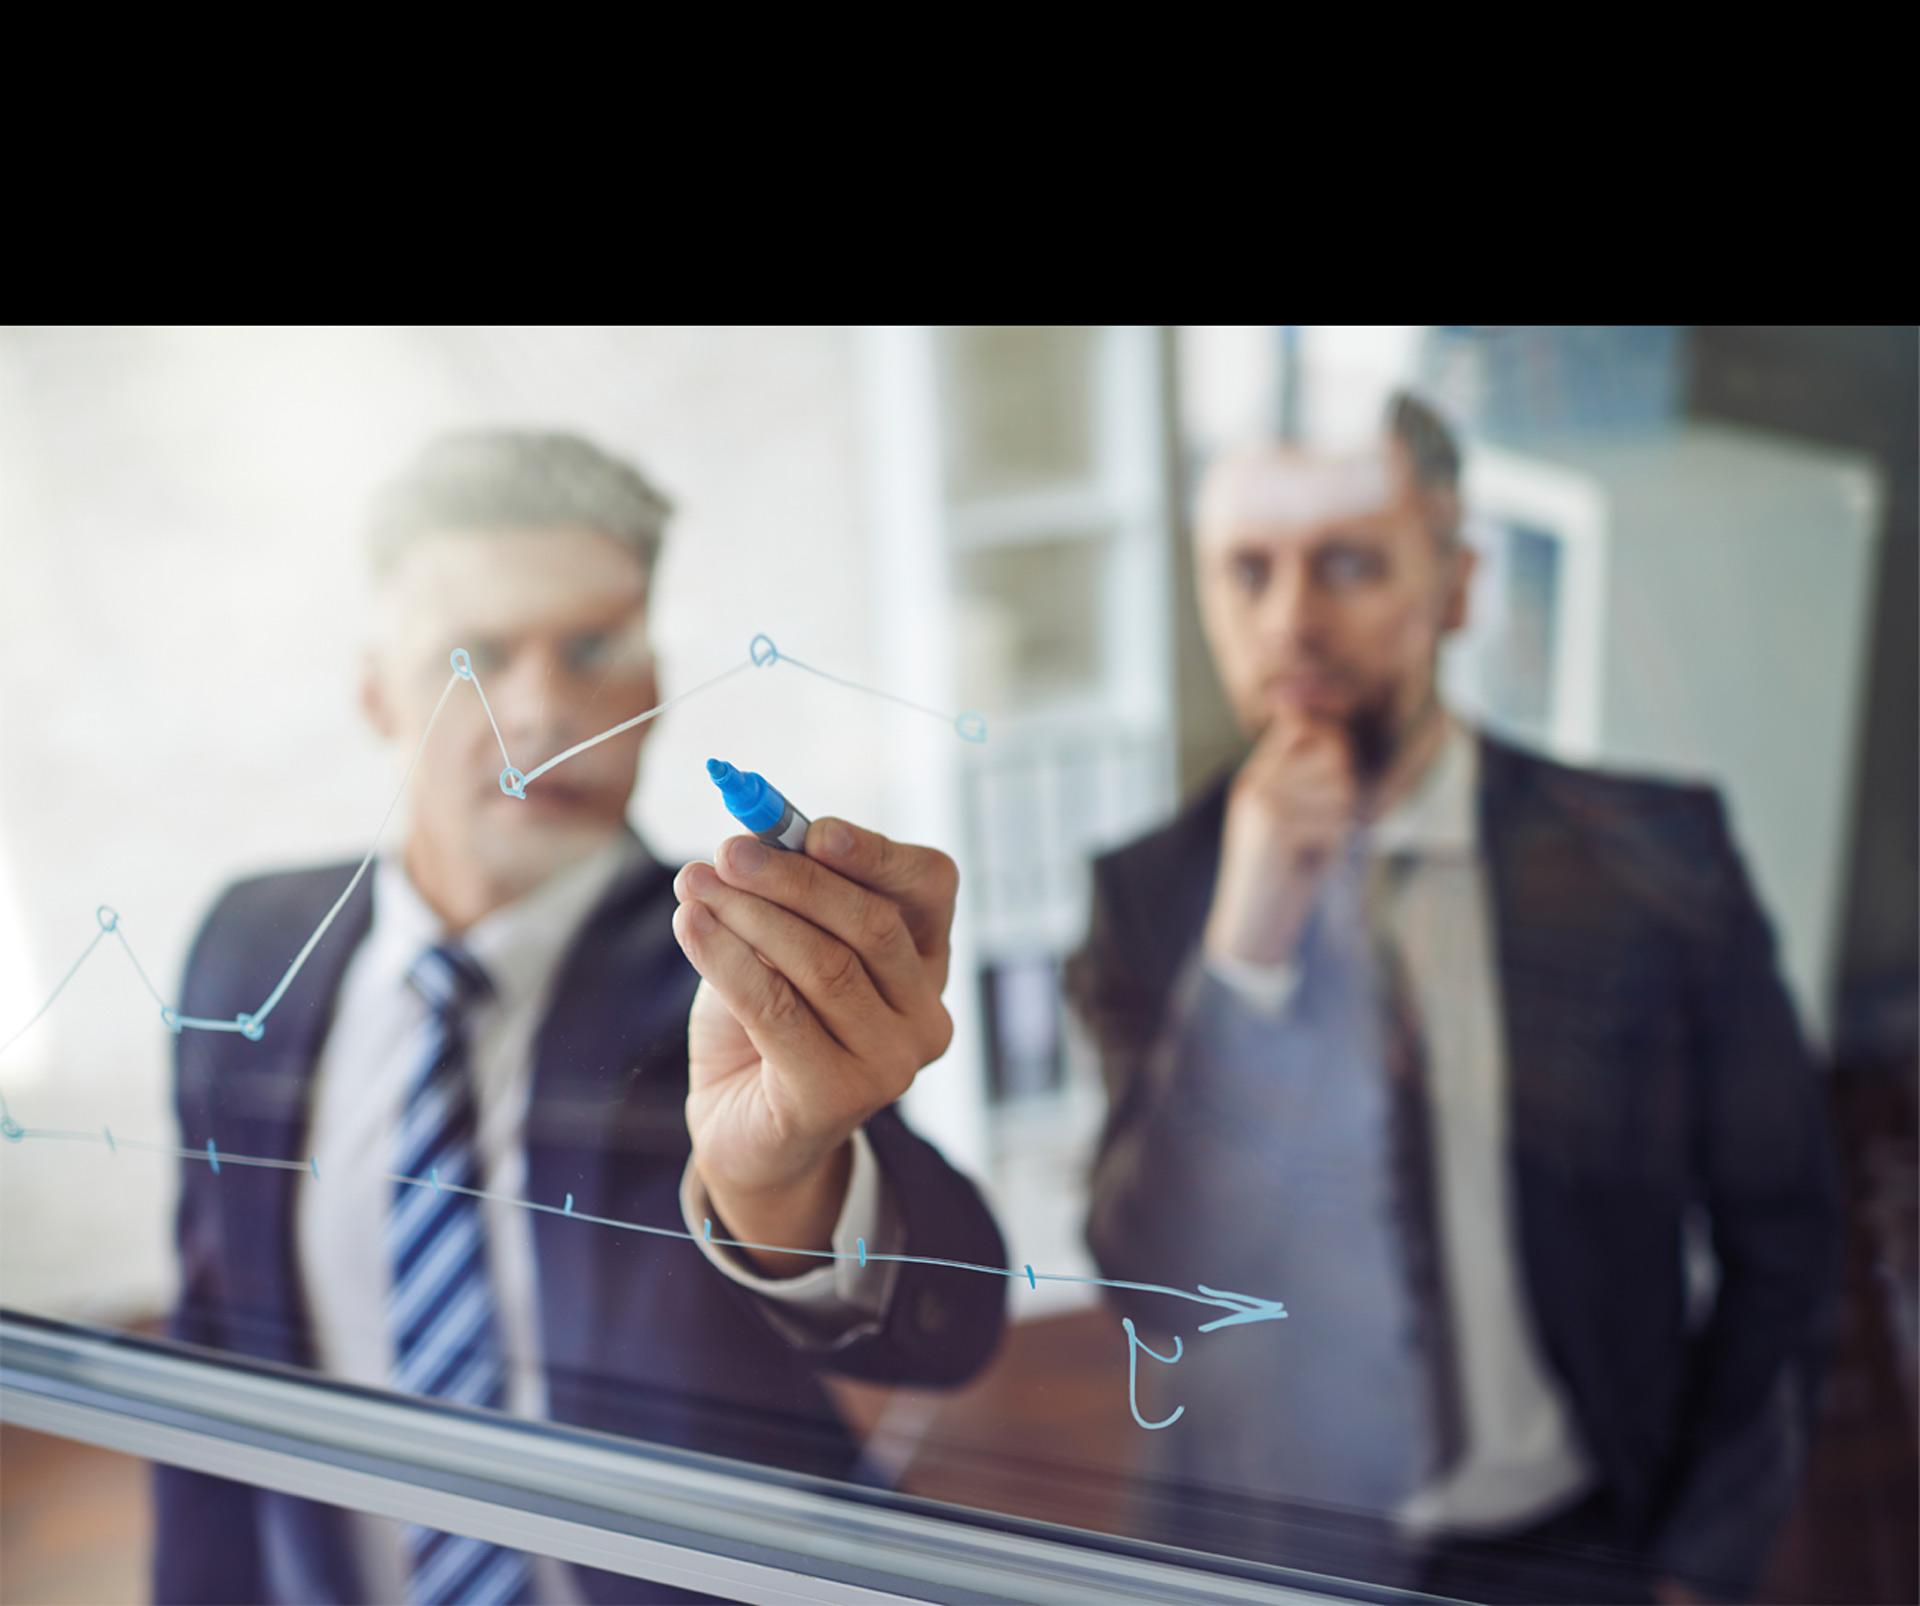 Te damos 15 tips para que tu crecimiento empresarial esté totalmente asegurado